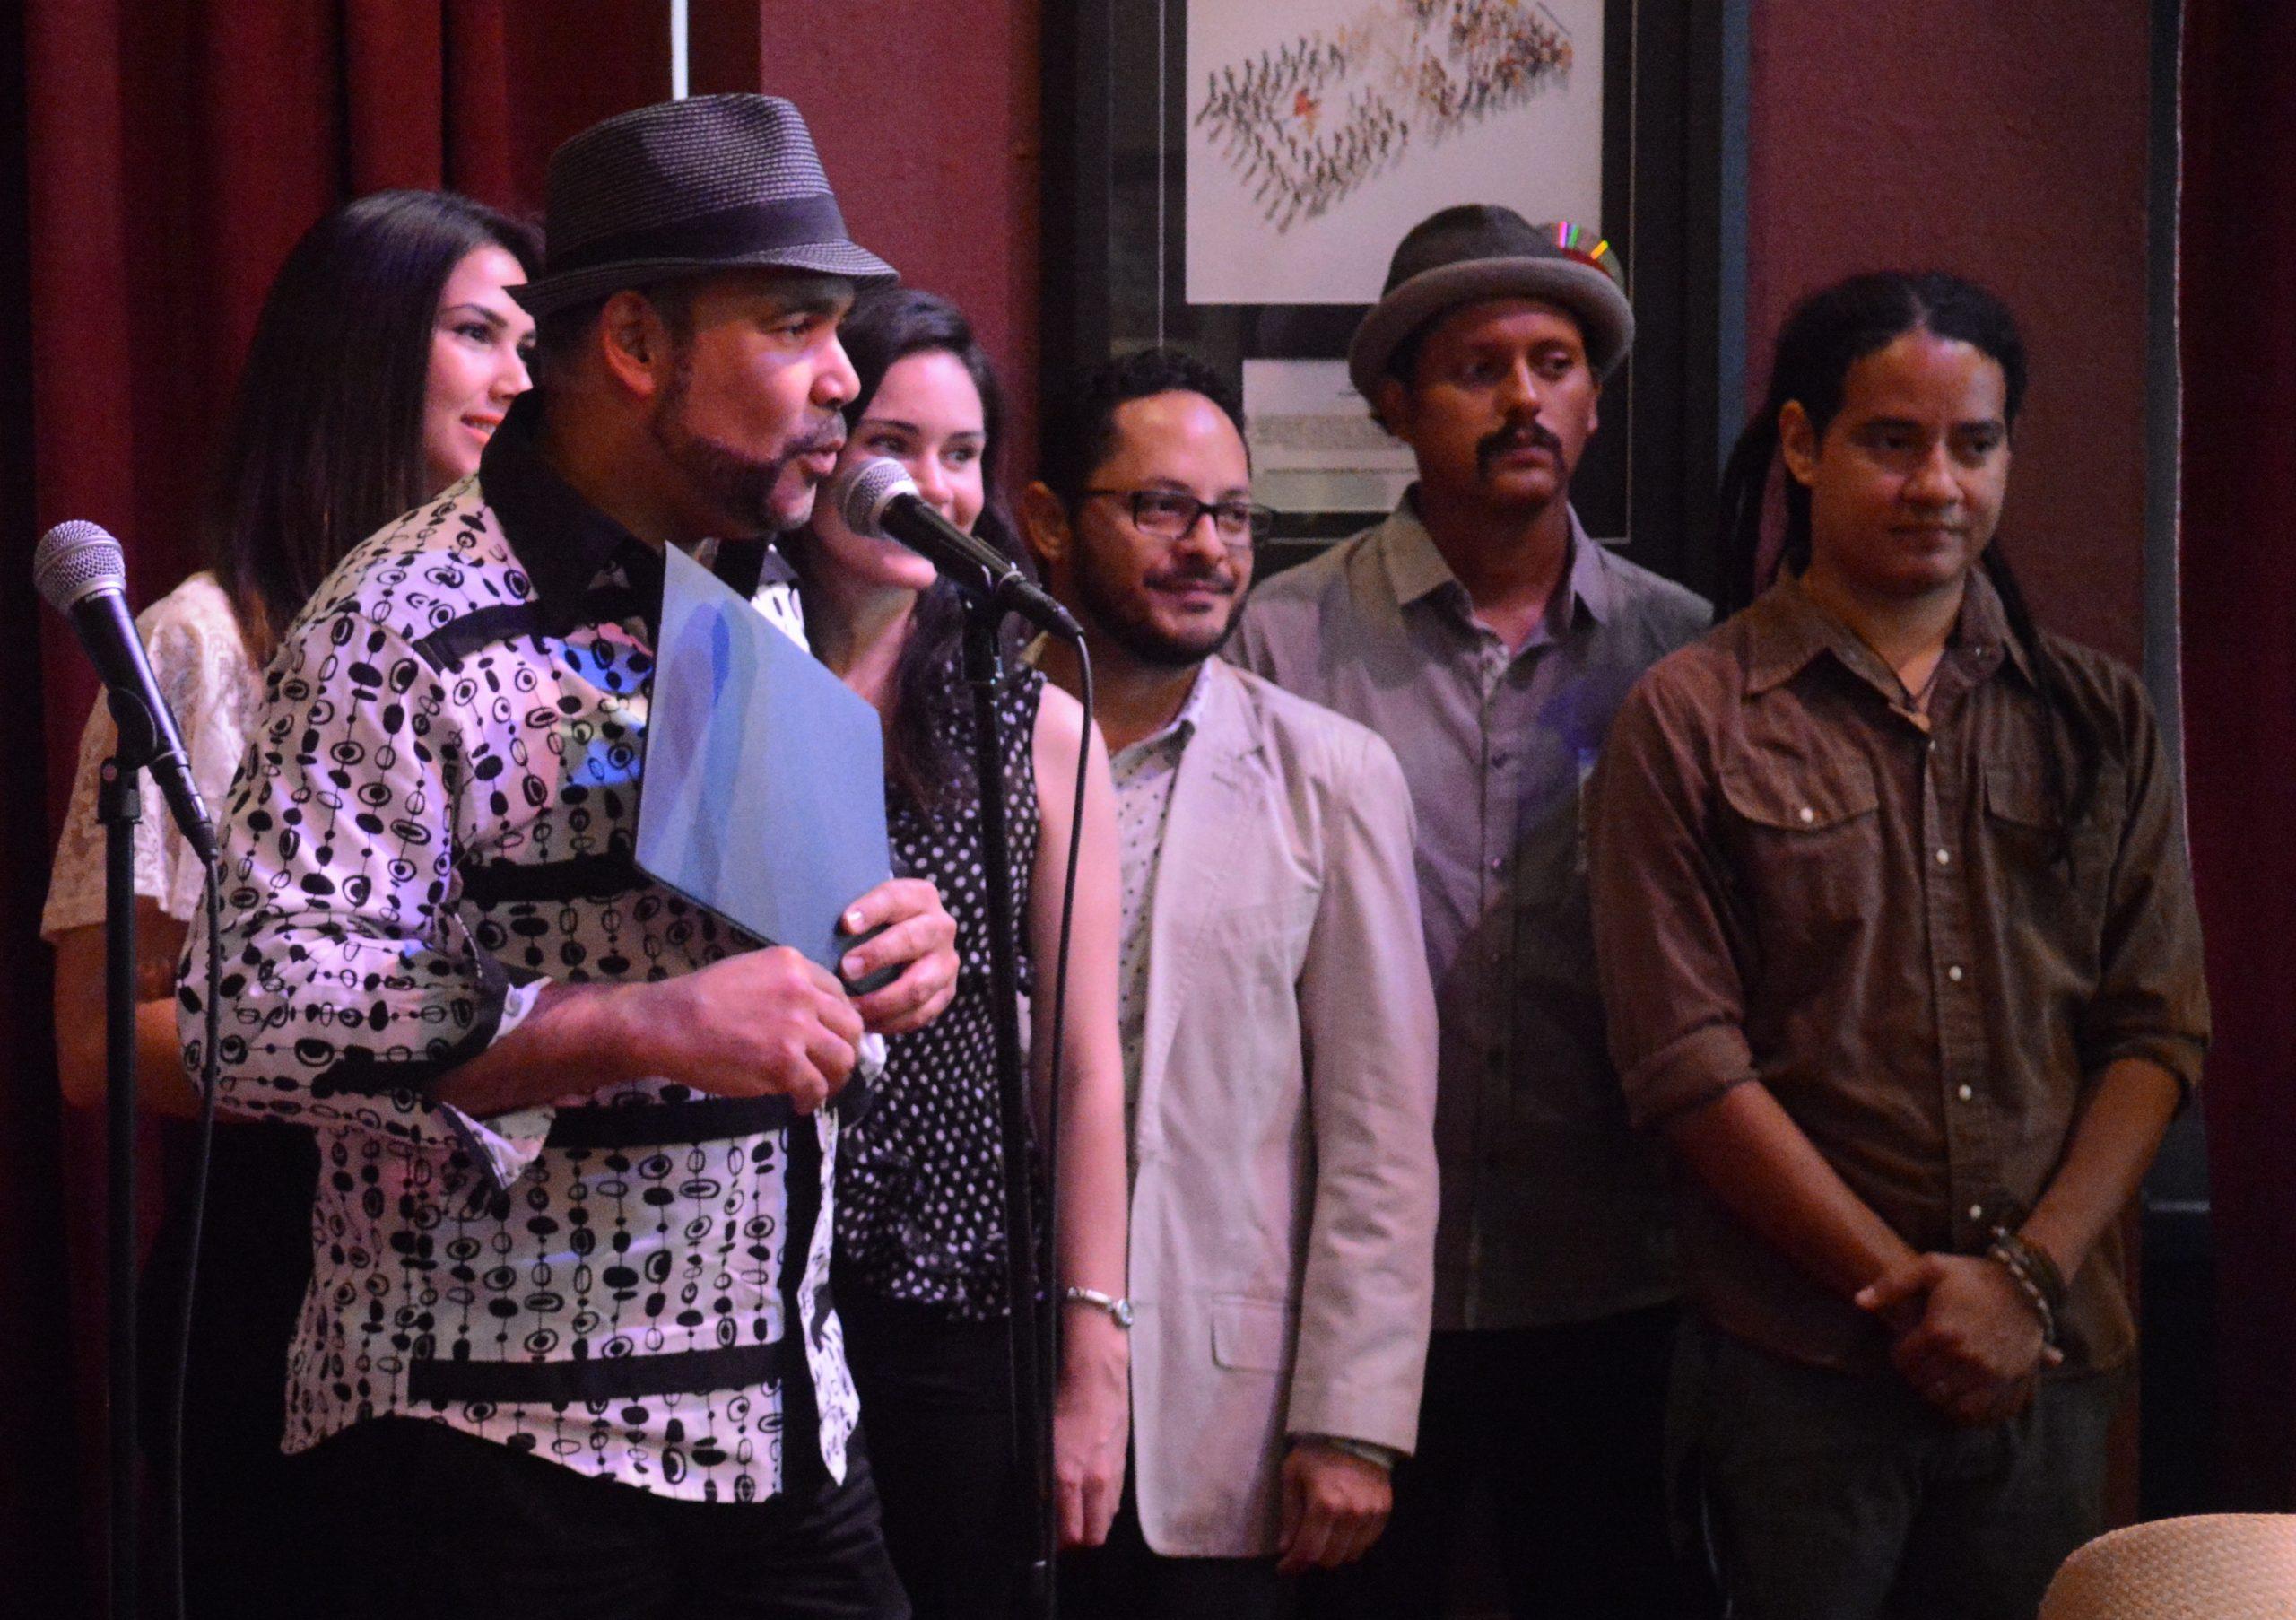 La producción que marca el debut de Fusión Jonda en el disco fue seleccionada como una de las más sobresalientes de 2014. (Foto César Silva para Fundación Nacional para la Cultura Popular)